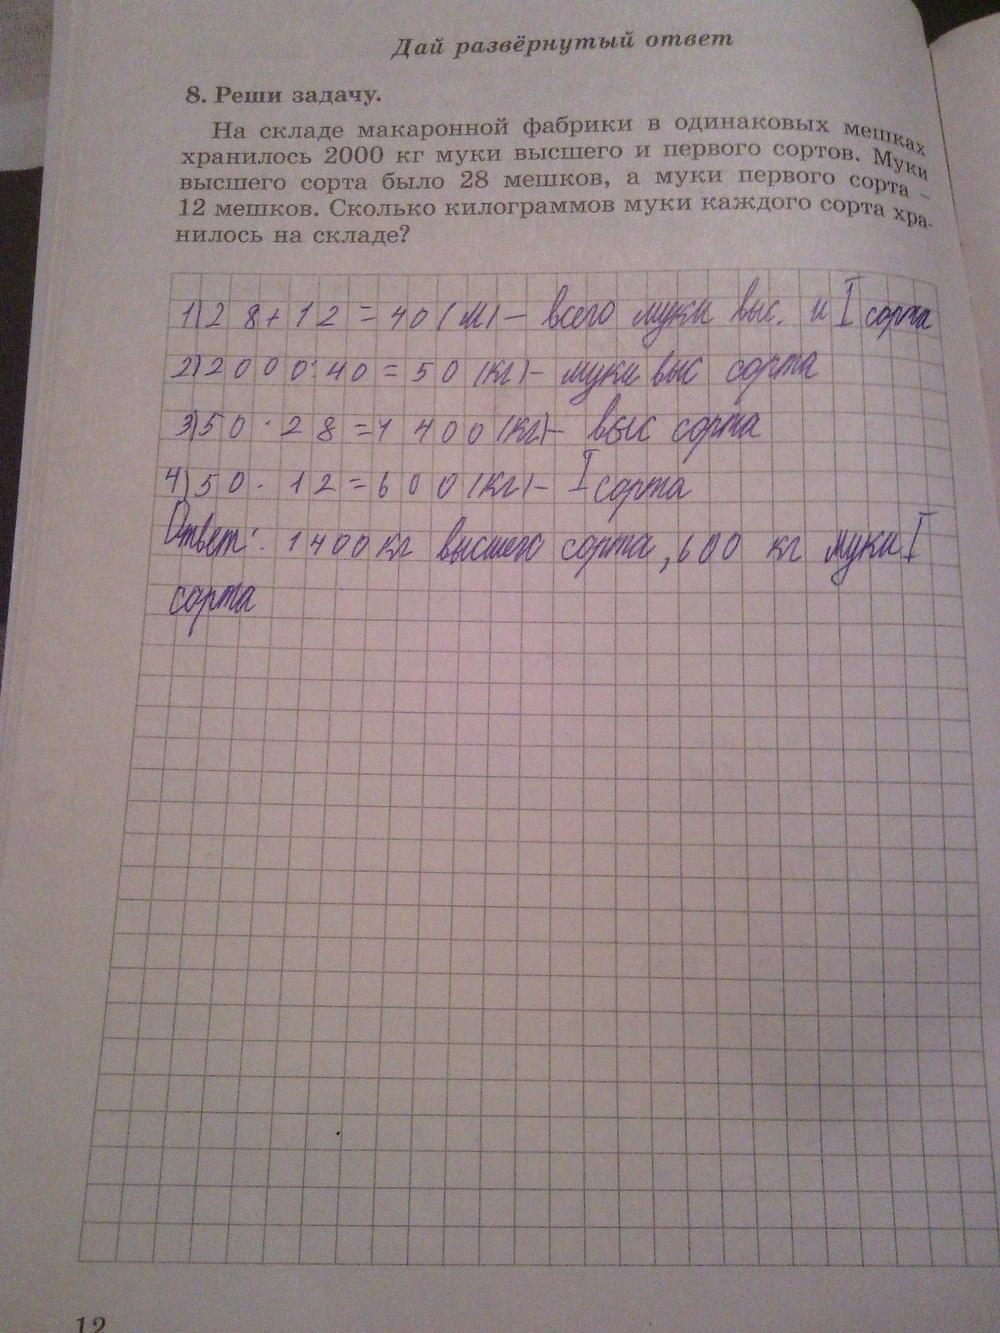 ГДЗ по математике 4 класс. Задание: стр. 12